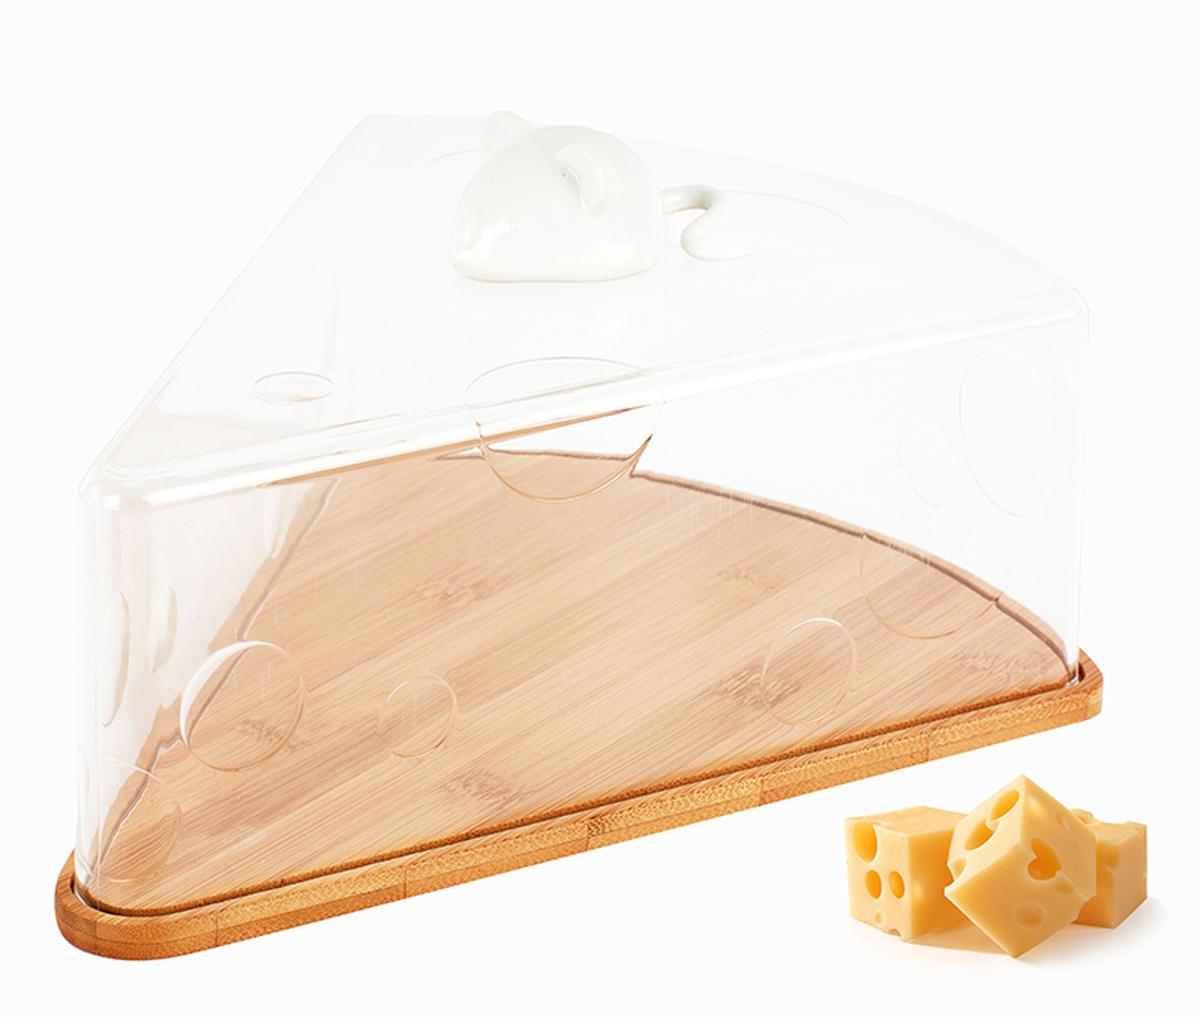 Сырница Balvi I Love Cheese, цвет: прозрачный25379Сырница Balvi - очень оригинальный и полезный кухонный аксессуар, который не только прекрасно выглядит, но и прекрасно справляется со своей основной задачей. Кусочек свежего сыра будет великолепно смотреться на увесистой подставке из натурального дерева. Сырница имеет крышку в виде треугольного кусочка сыра, изготовленную из акрила. Благодаря натуральной деревянной основе сыр надолго сохранит свои пищевые качества в такой сырнице, а герметичная крышка поможет сохранить аппетитный вид продукта. Подарите сырницу I Love Cheese заботливой хозяйке, которой нравятся функциональные и необычные вещицы.